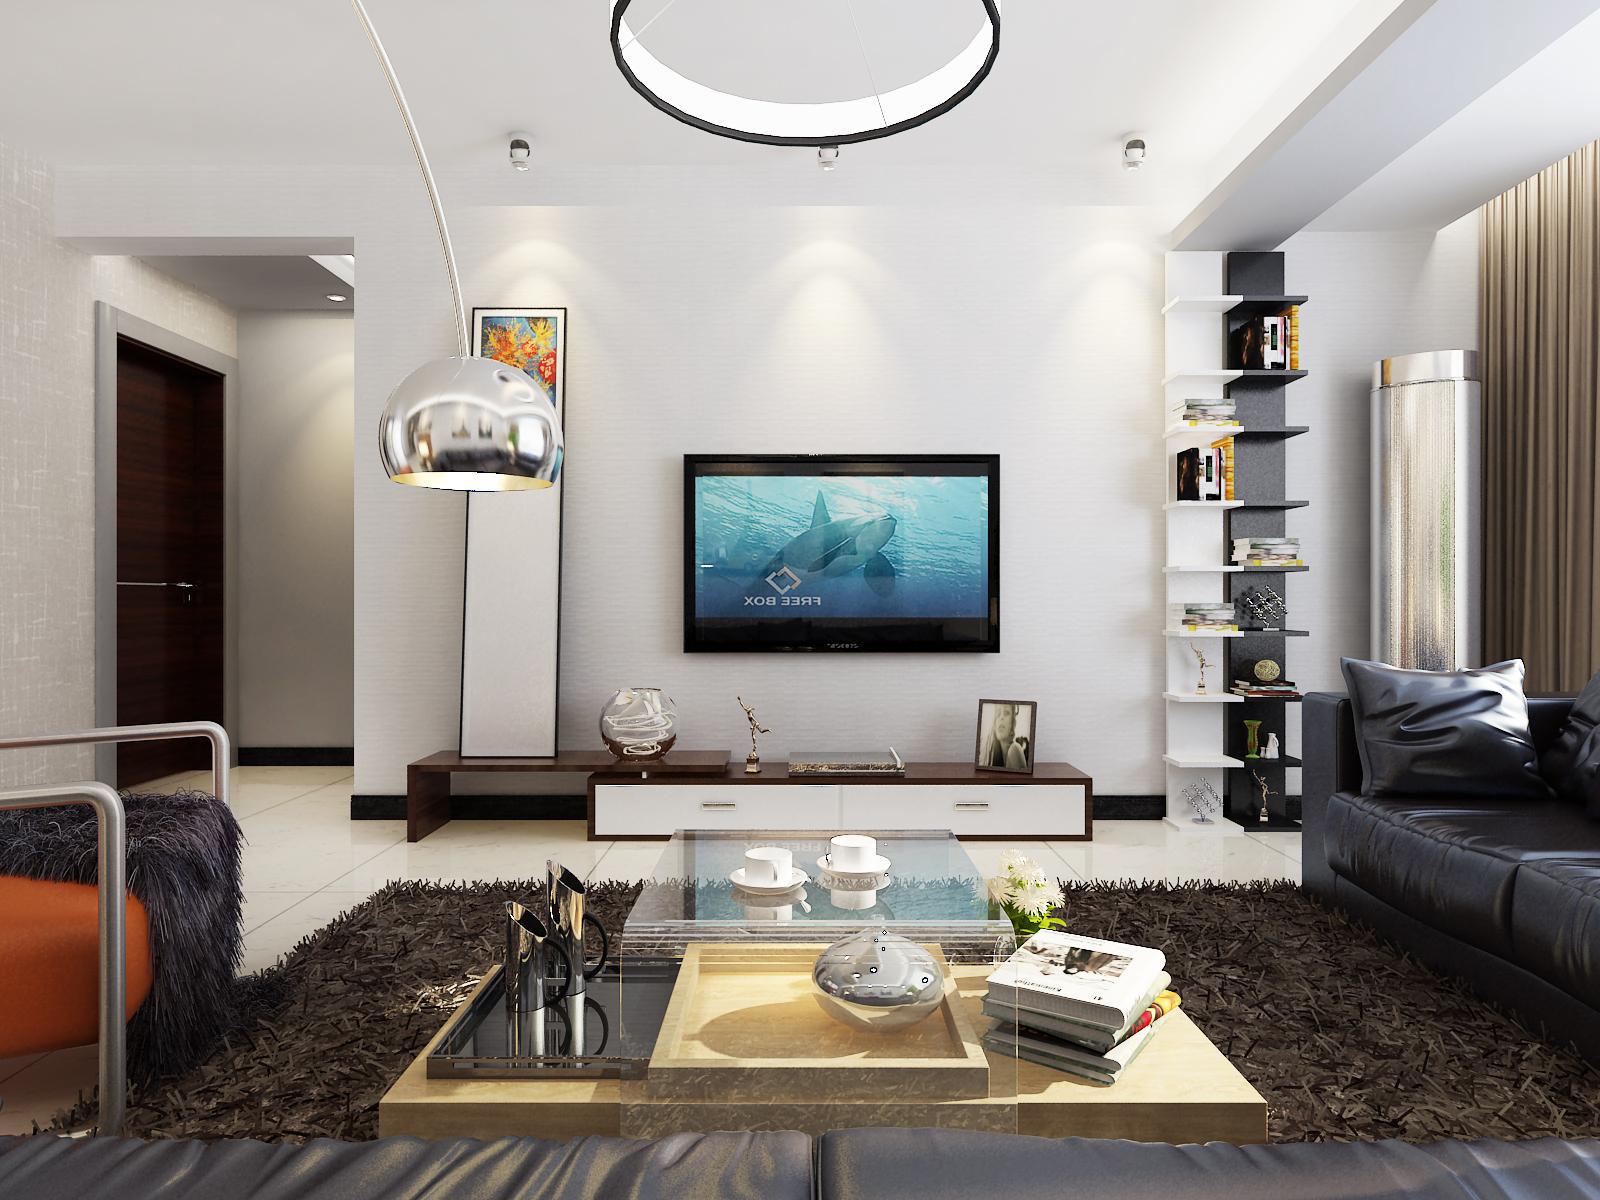 10平米-客厅装修效果图